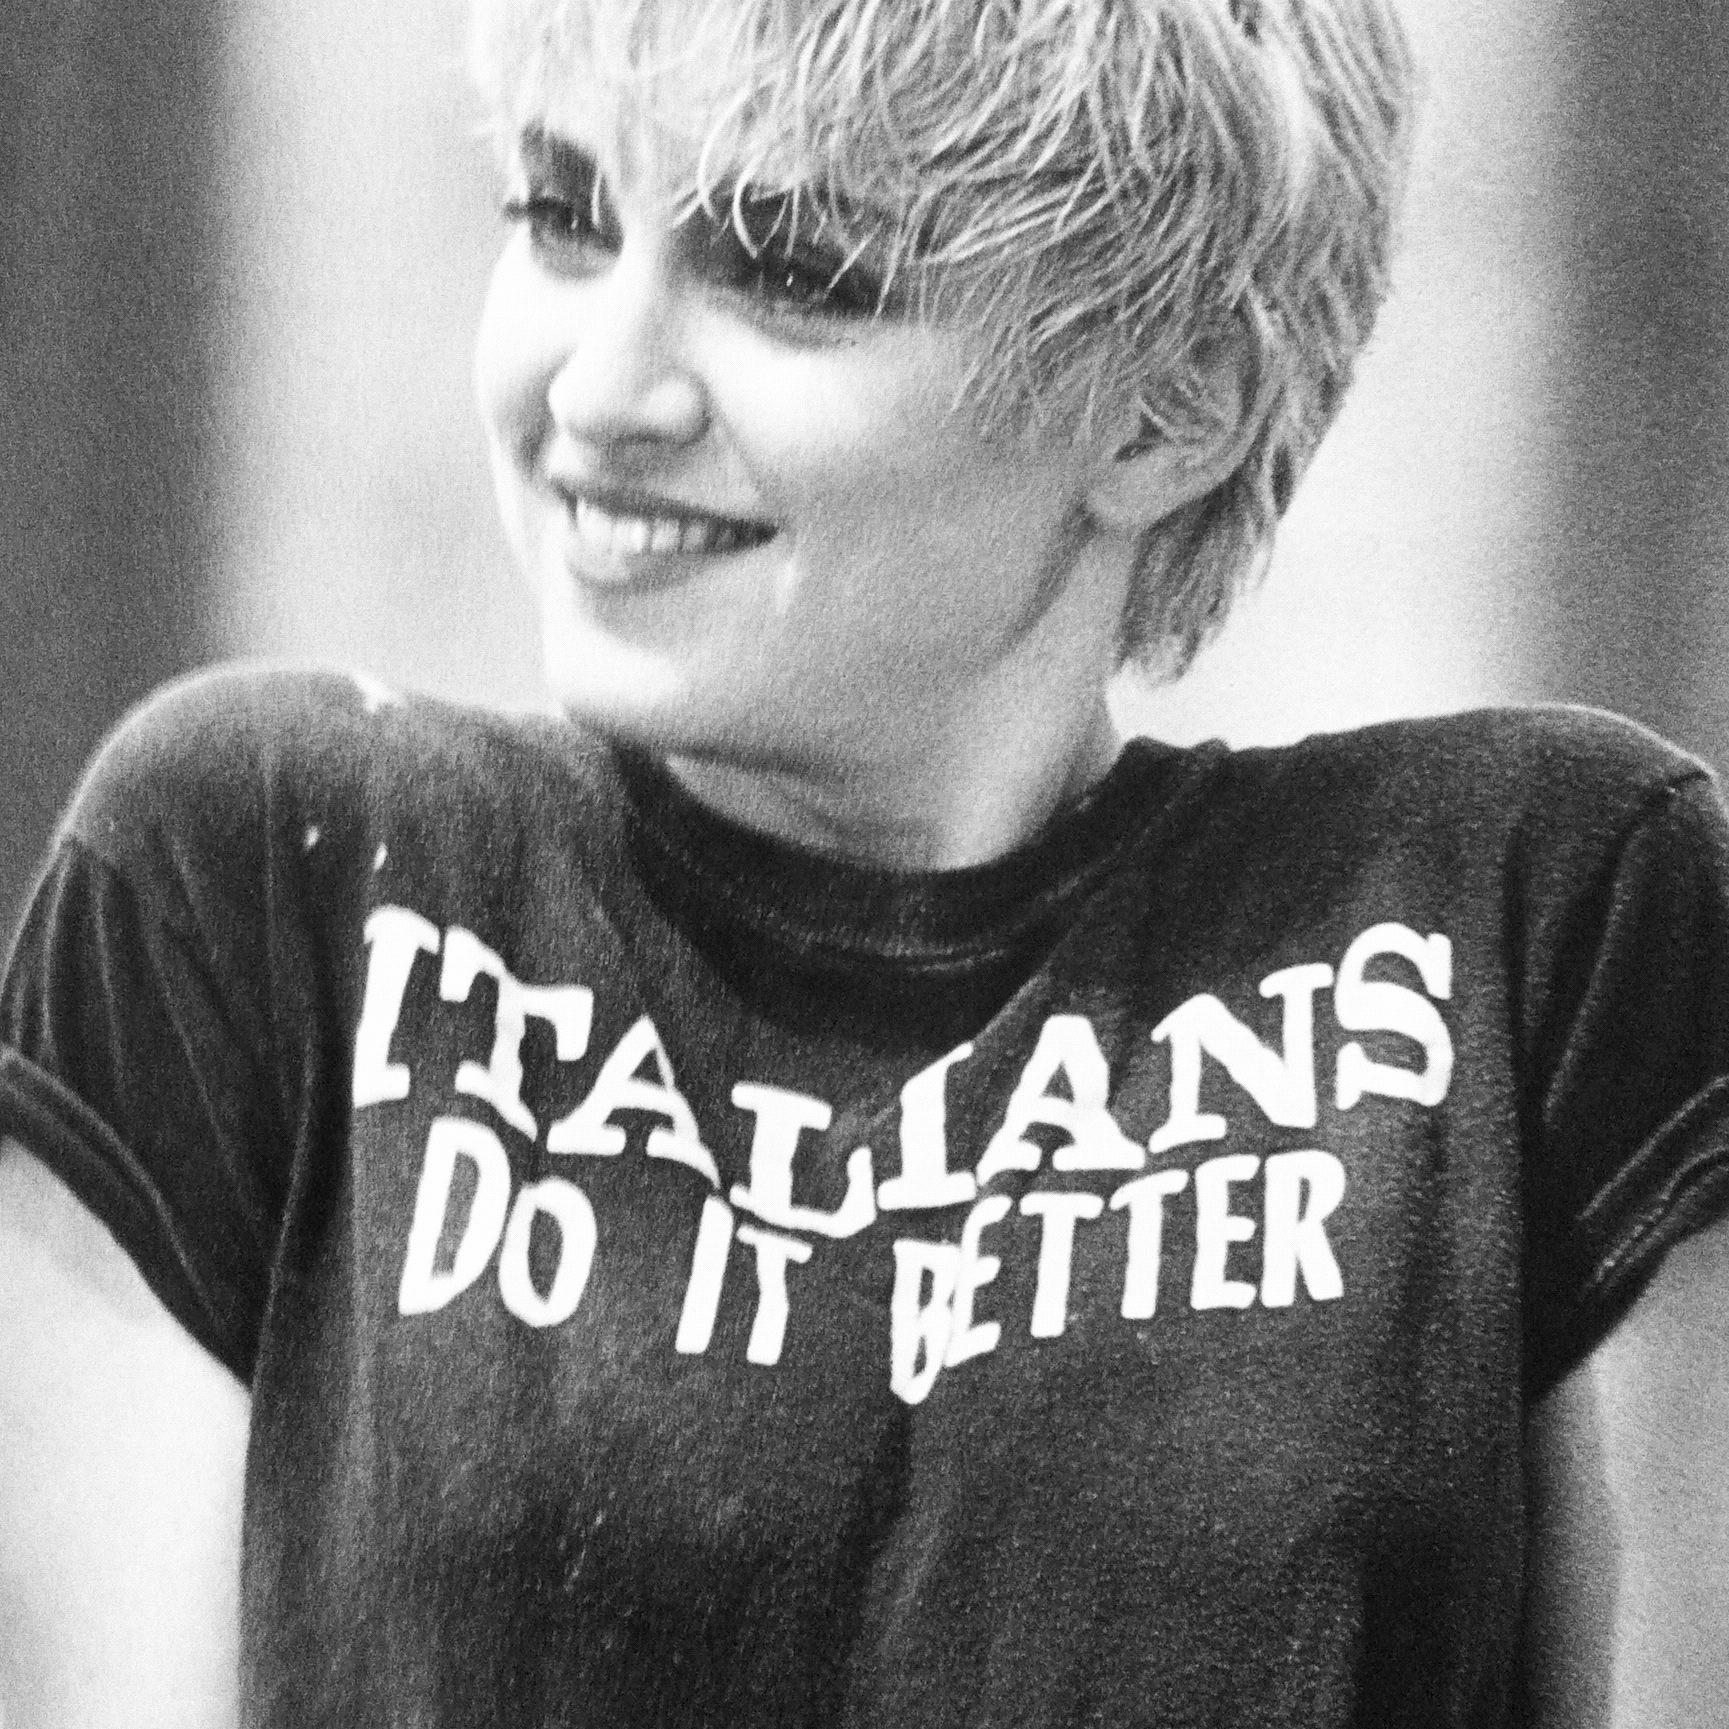 Italians do it better è ancora cosi?